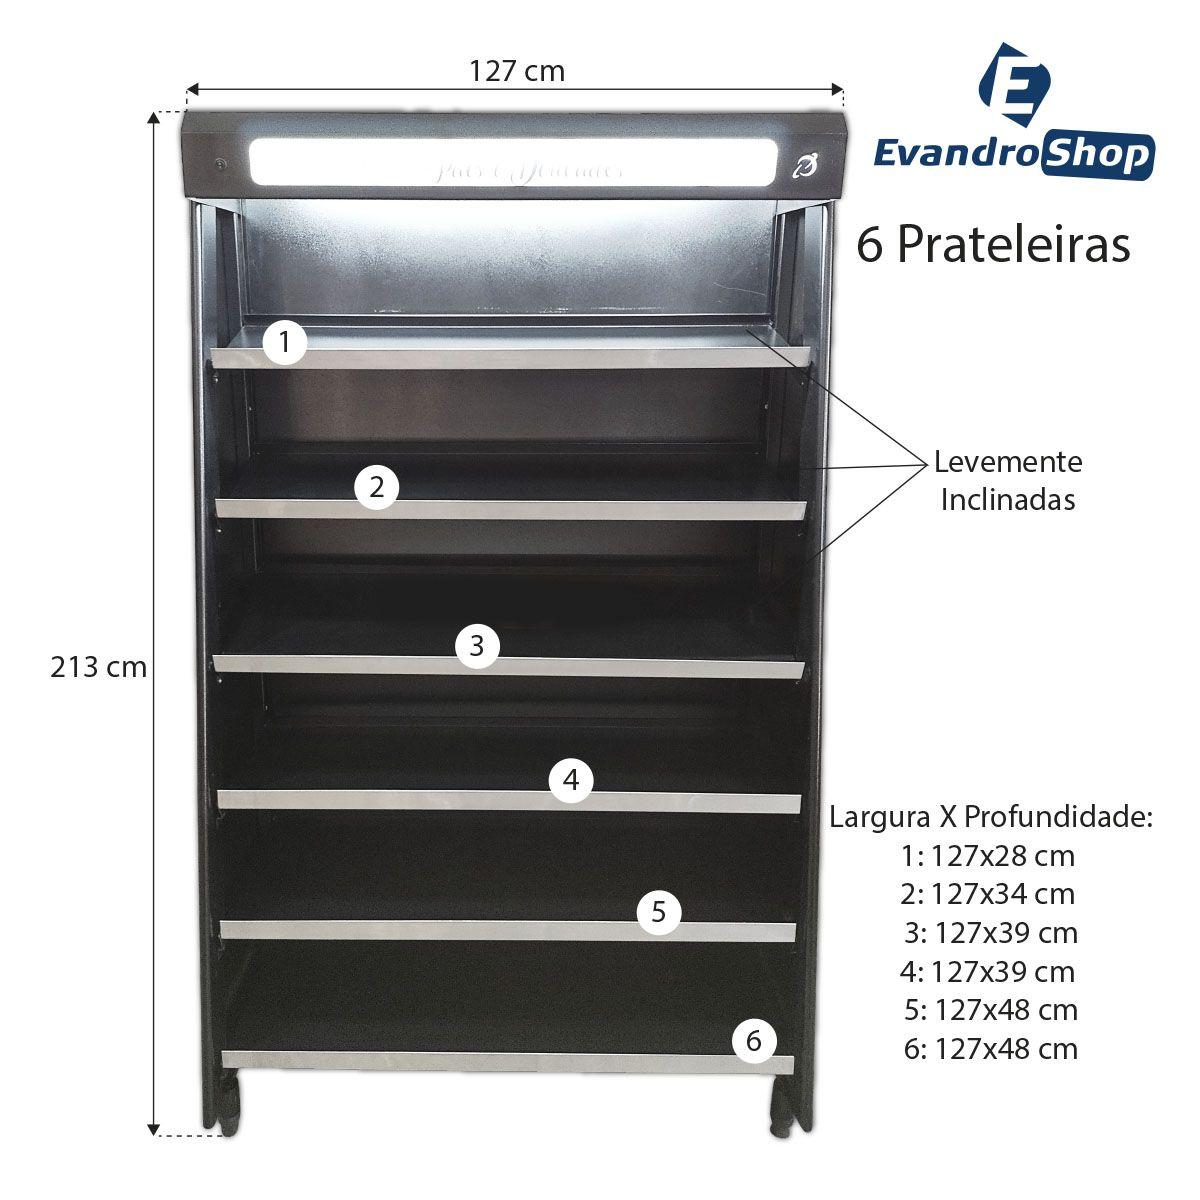 Vitrine Natural De Padaria Preta 1,30 Metros Com Led VASCAP-130 - Polar Refrigeração